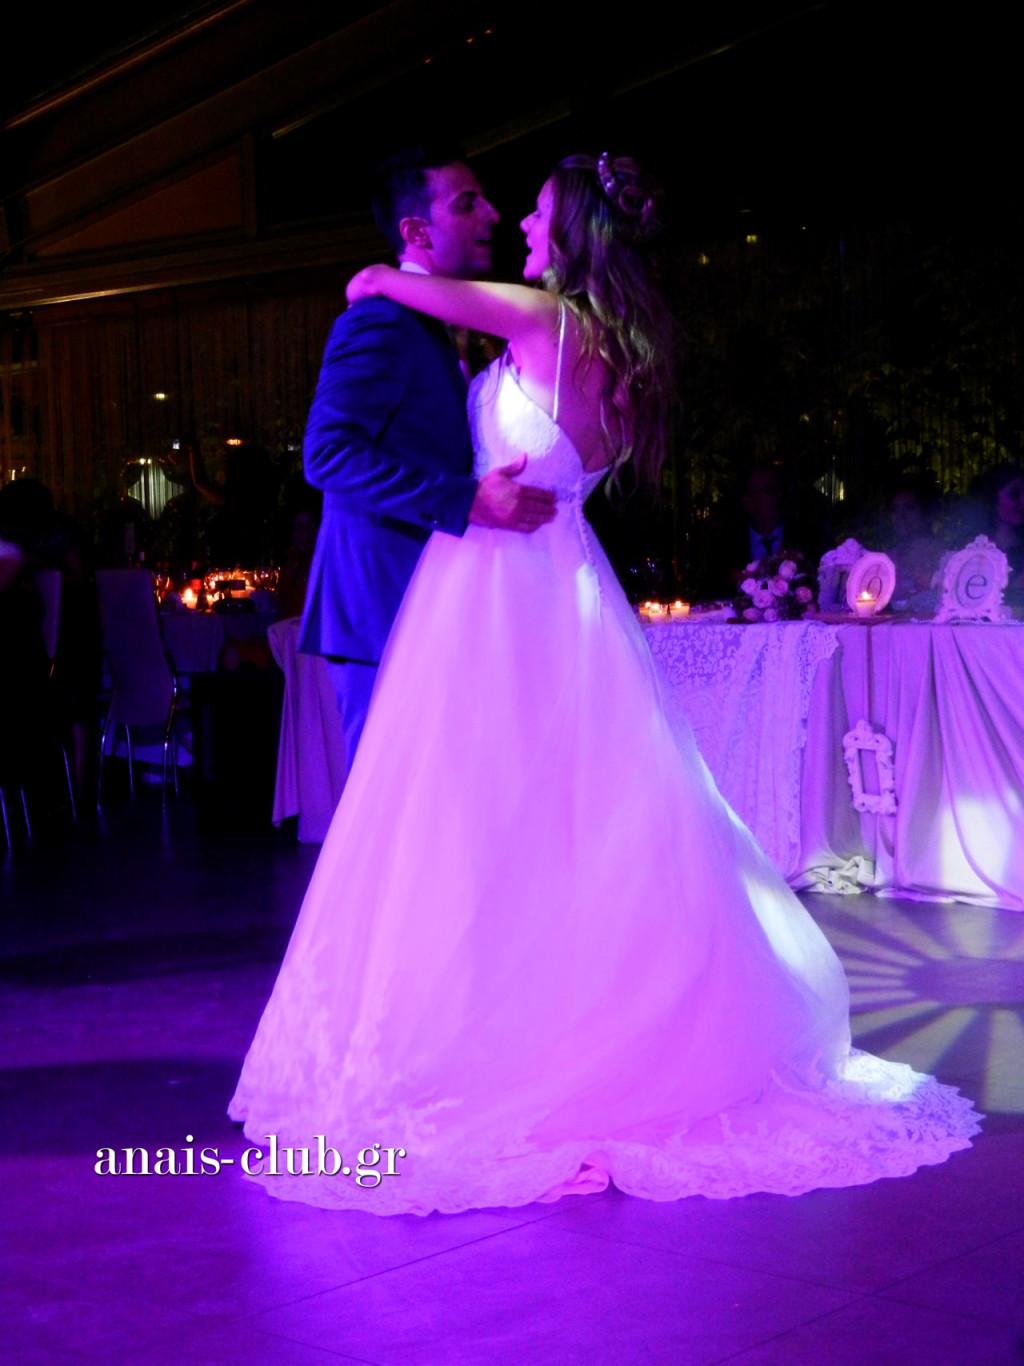 Ο πρώτος χορός του ζευγαριού είναι πάντα ξεχωριστός